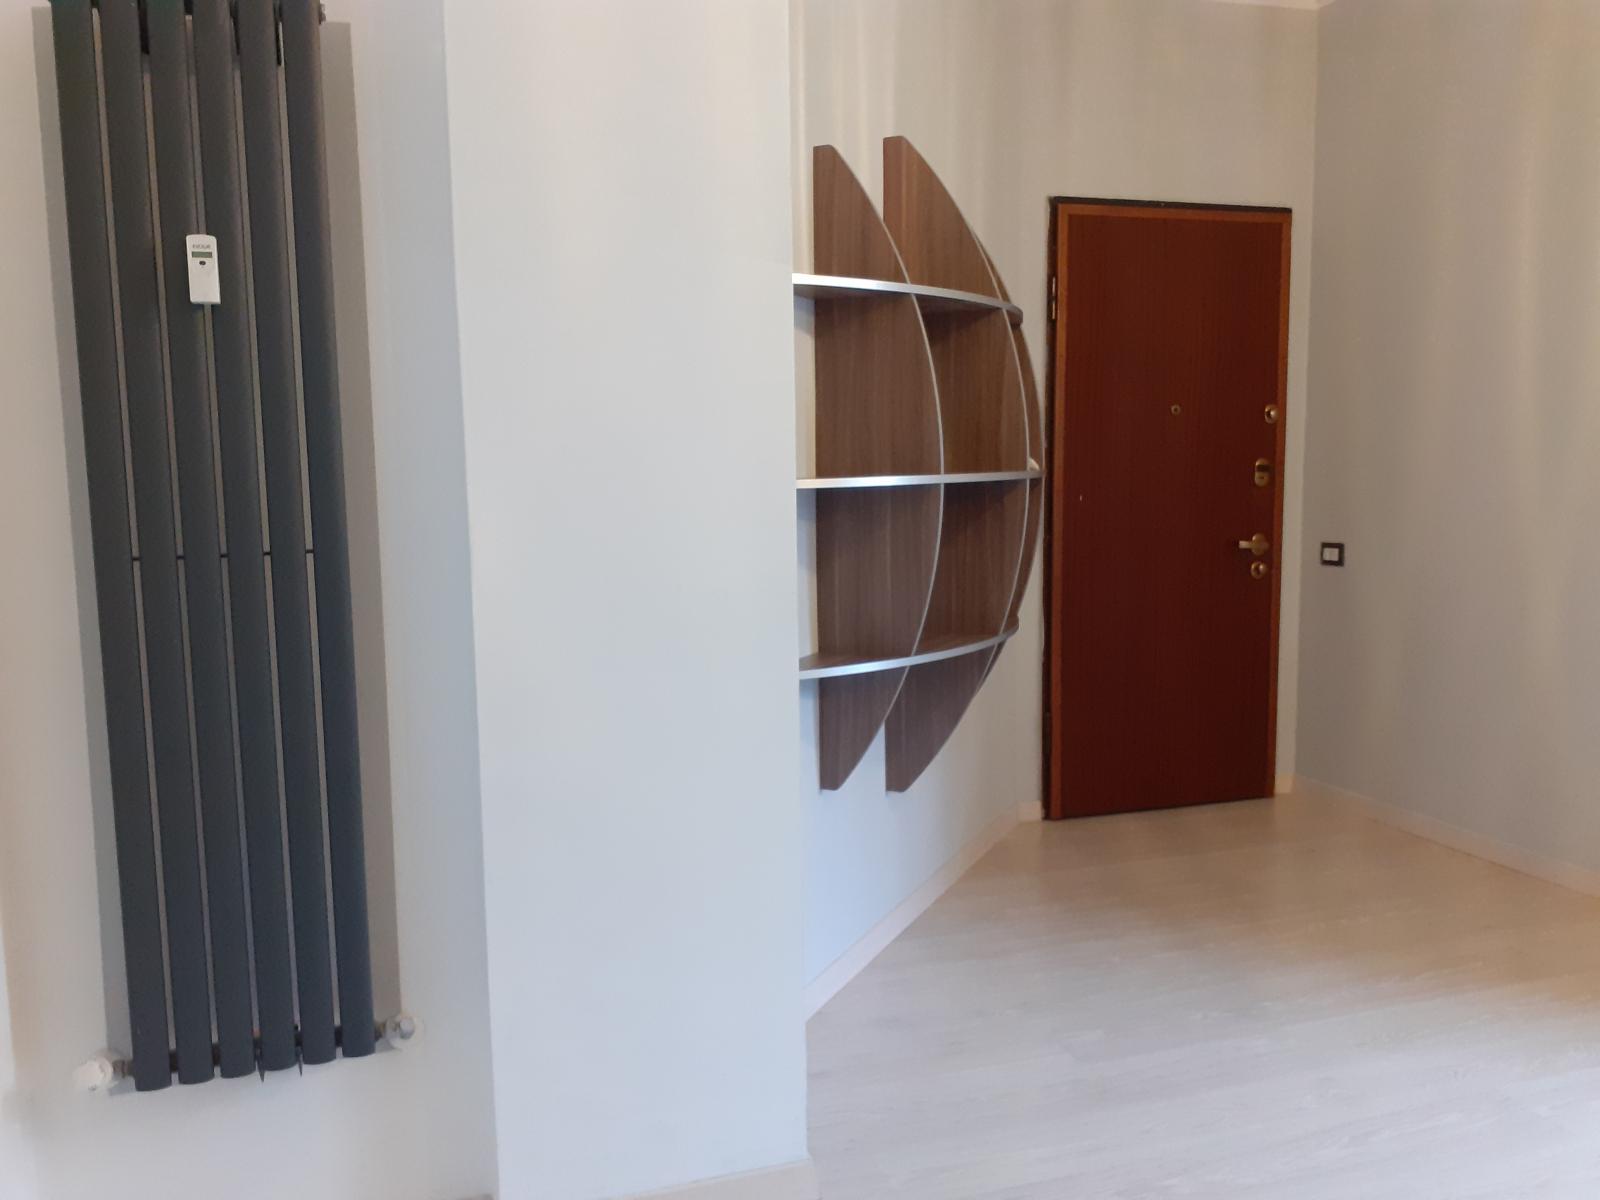 appartamento-in-vendita-milano-baggio-2-locali-open-space-spaziourbano-immobiliare-vende-9